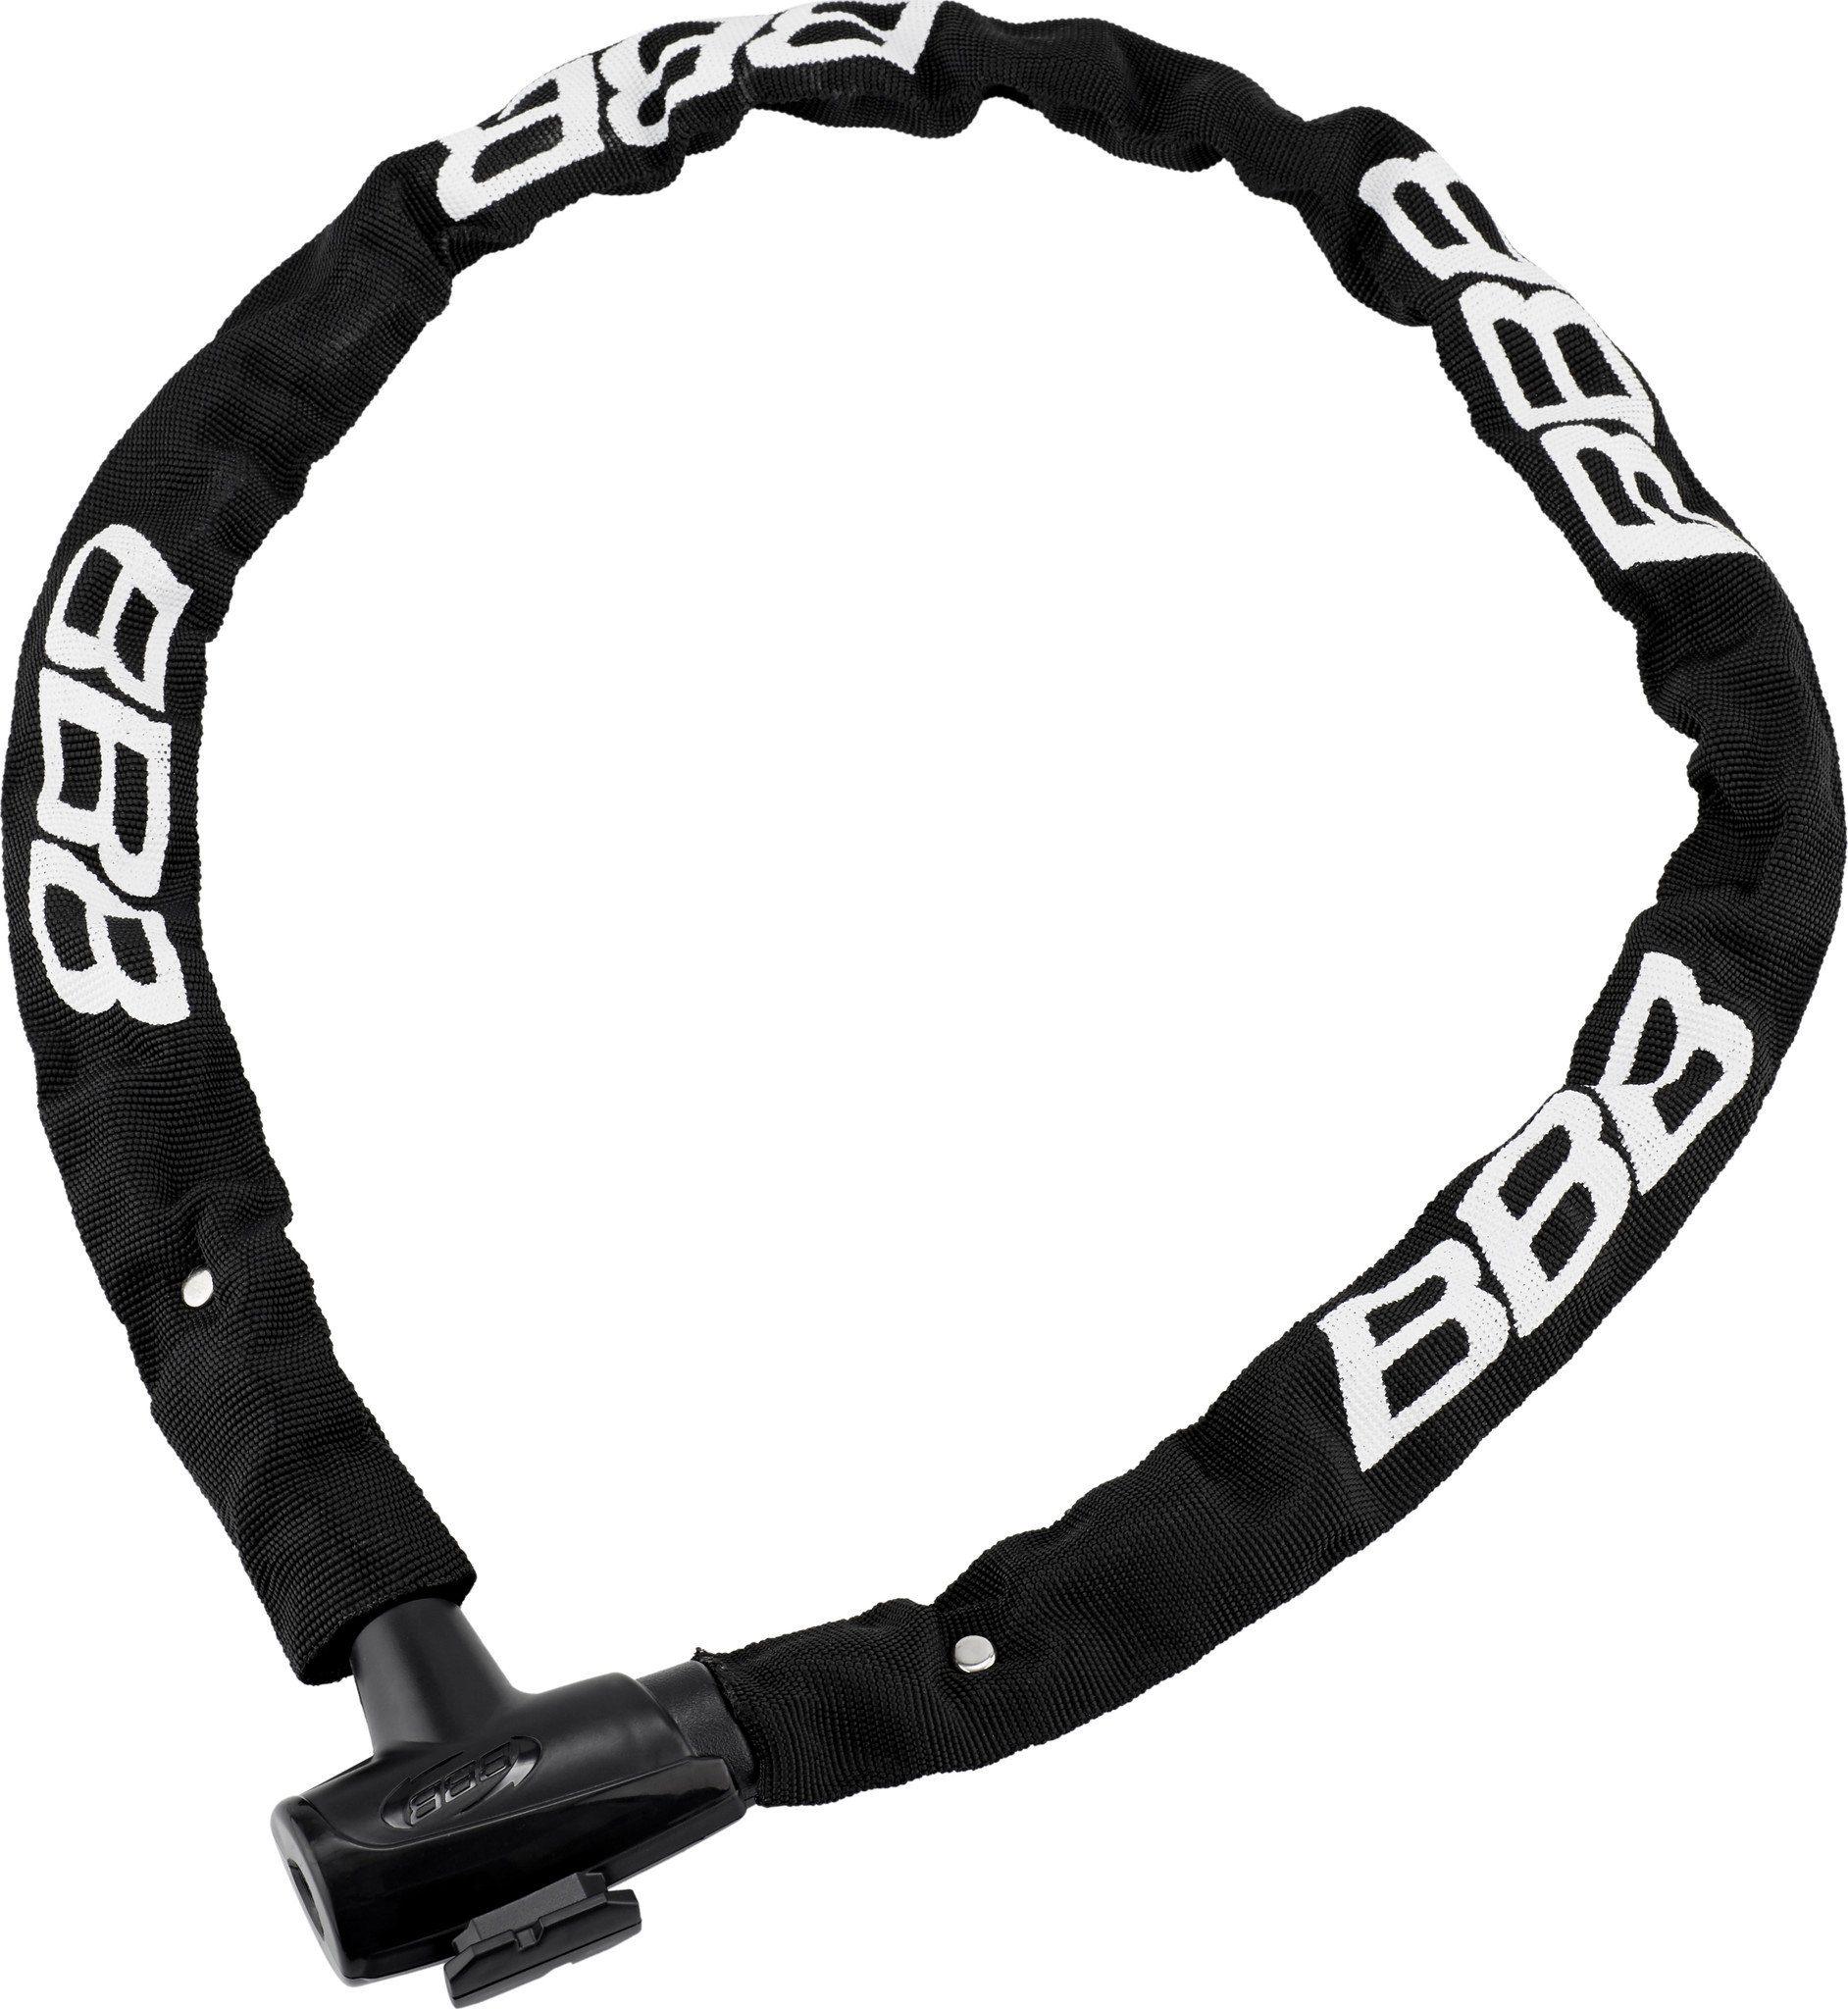 BBB Fahrradschloss »BBB PowerLink BBL-48 Fahrradschloss«